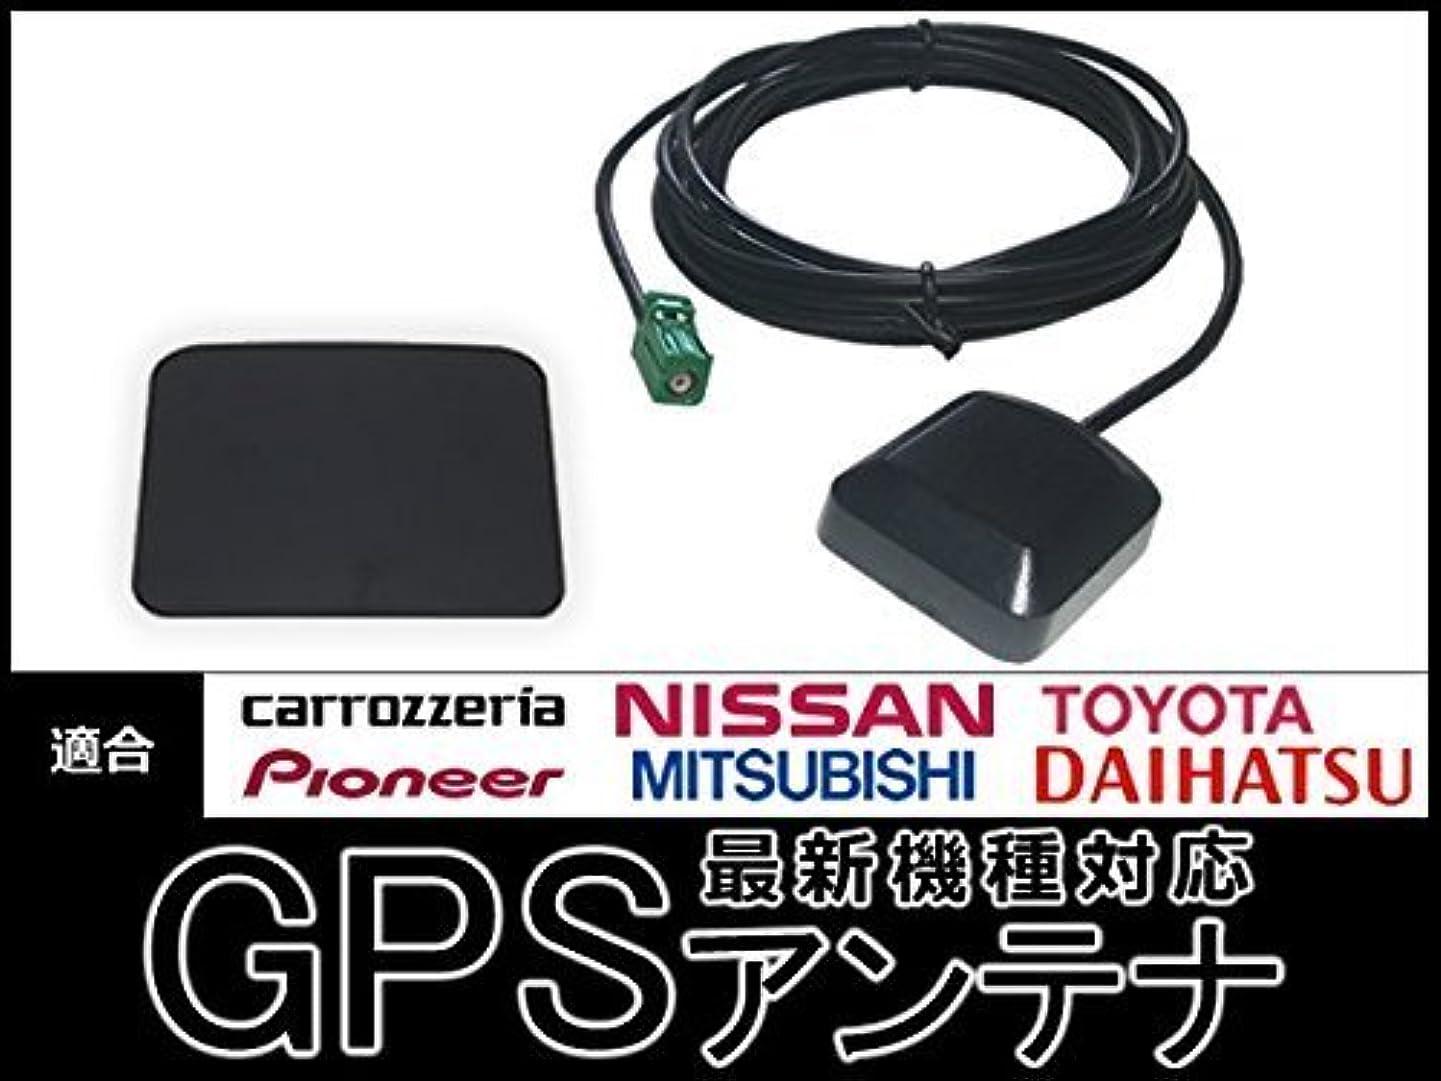 ウィンク道エッセンスAVIC-CE902NO 対応 GPS アンテナ 受信感度 アップ 専用 プレート 贈呈中!